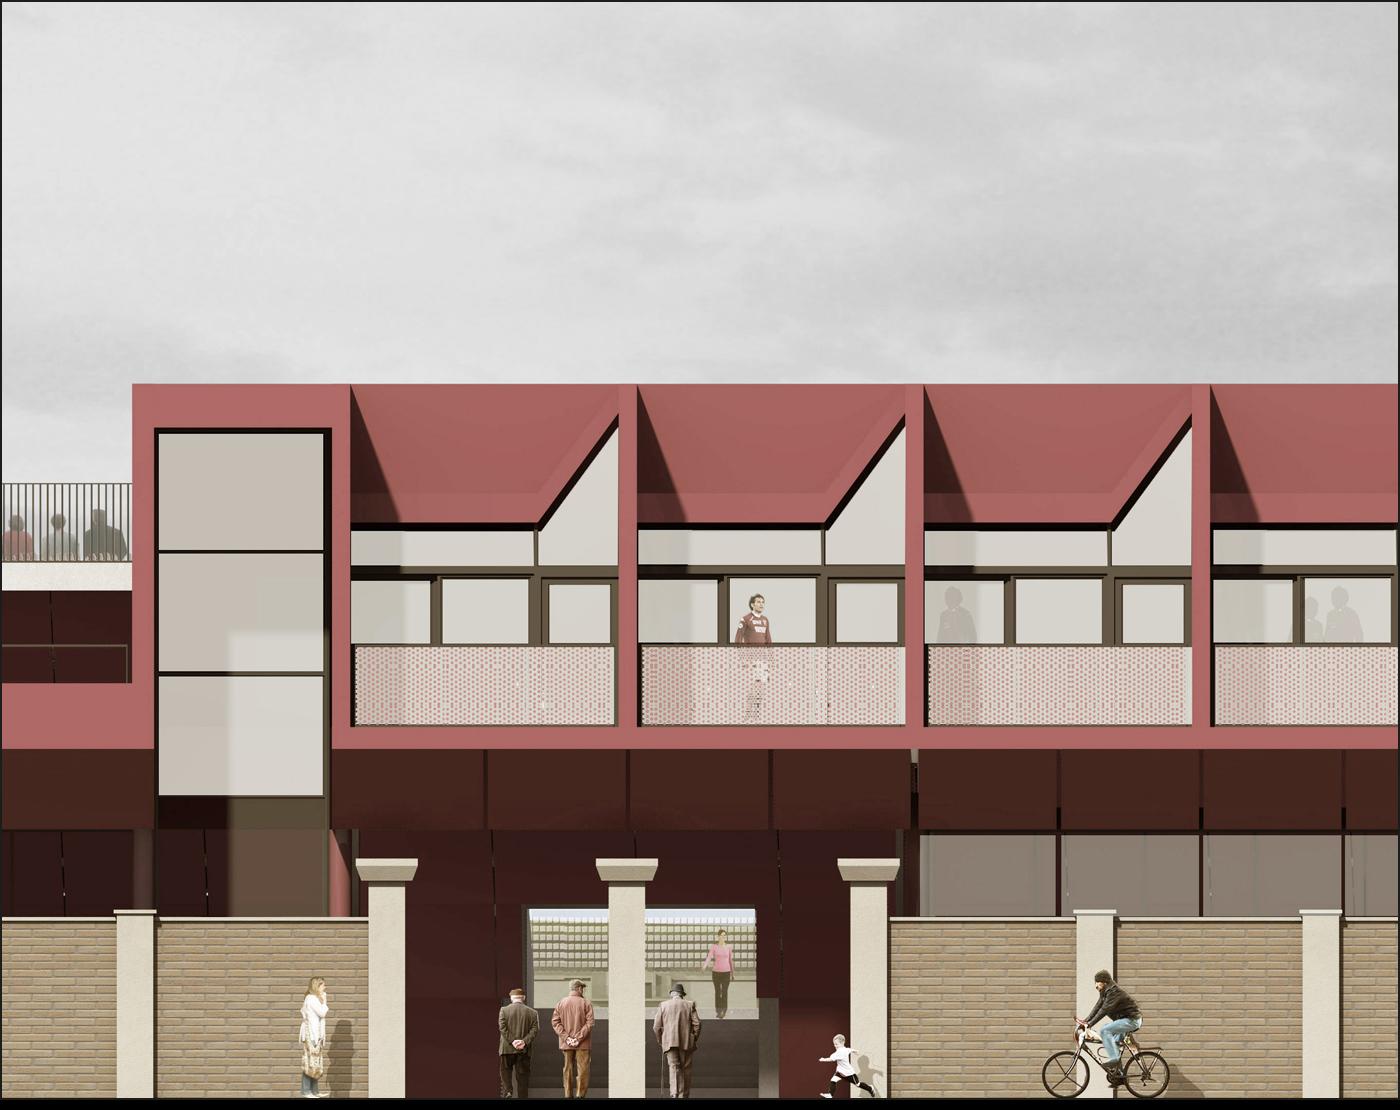 Nuovo Stadio Filadelfia a Torino. Progetto vincitore del concorso di idee. Prospetto principale | Bottega di Architettura